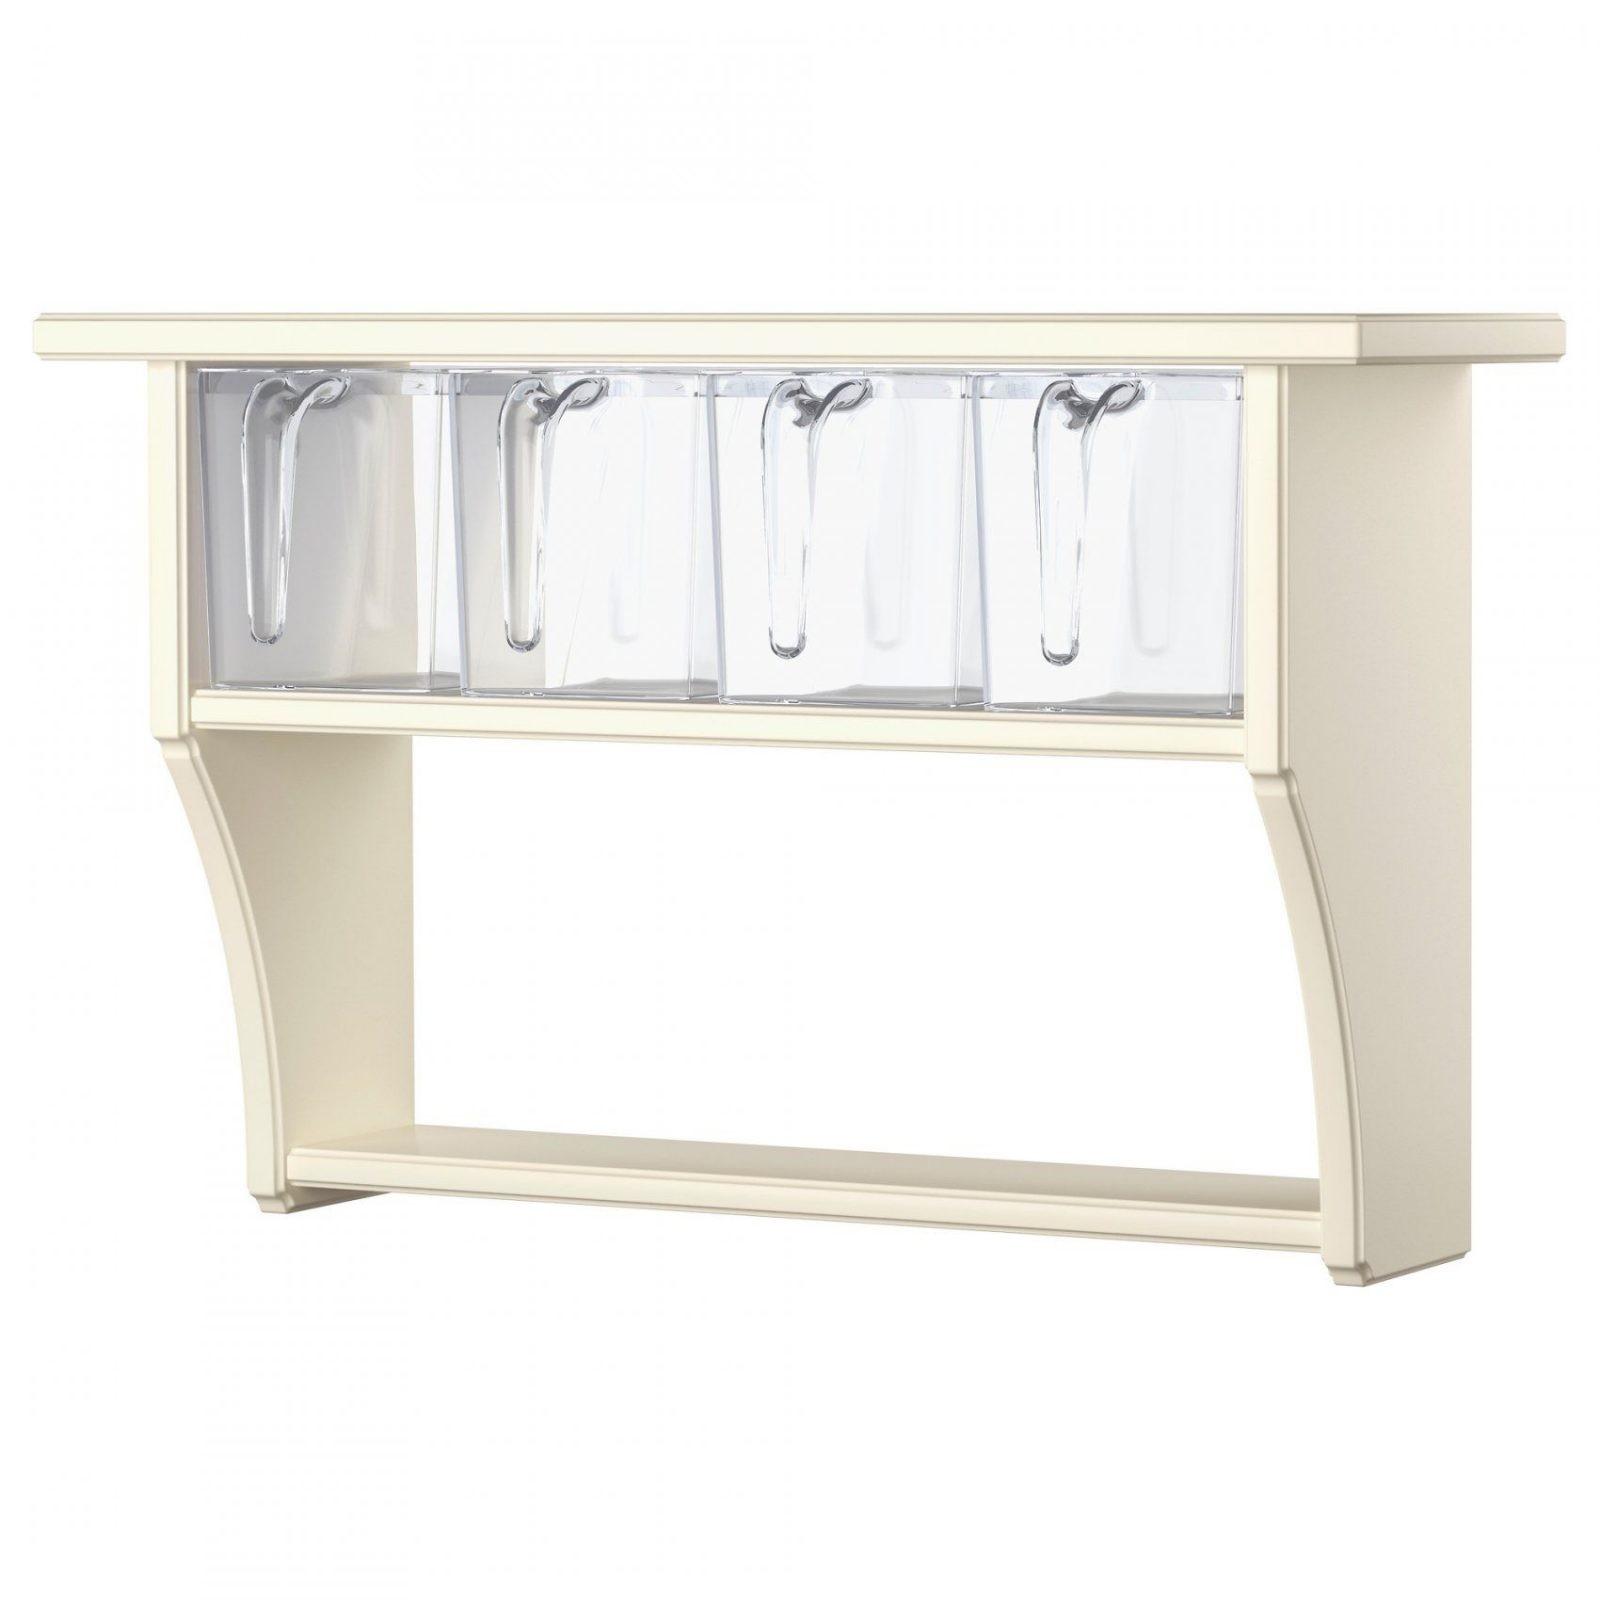 Ikea Kuche Madchen Waschbecken Rund 30 Cm Haus Design Ideen